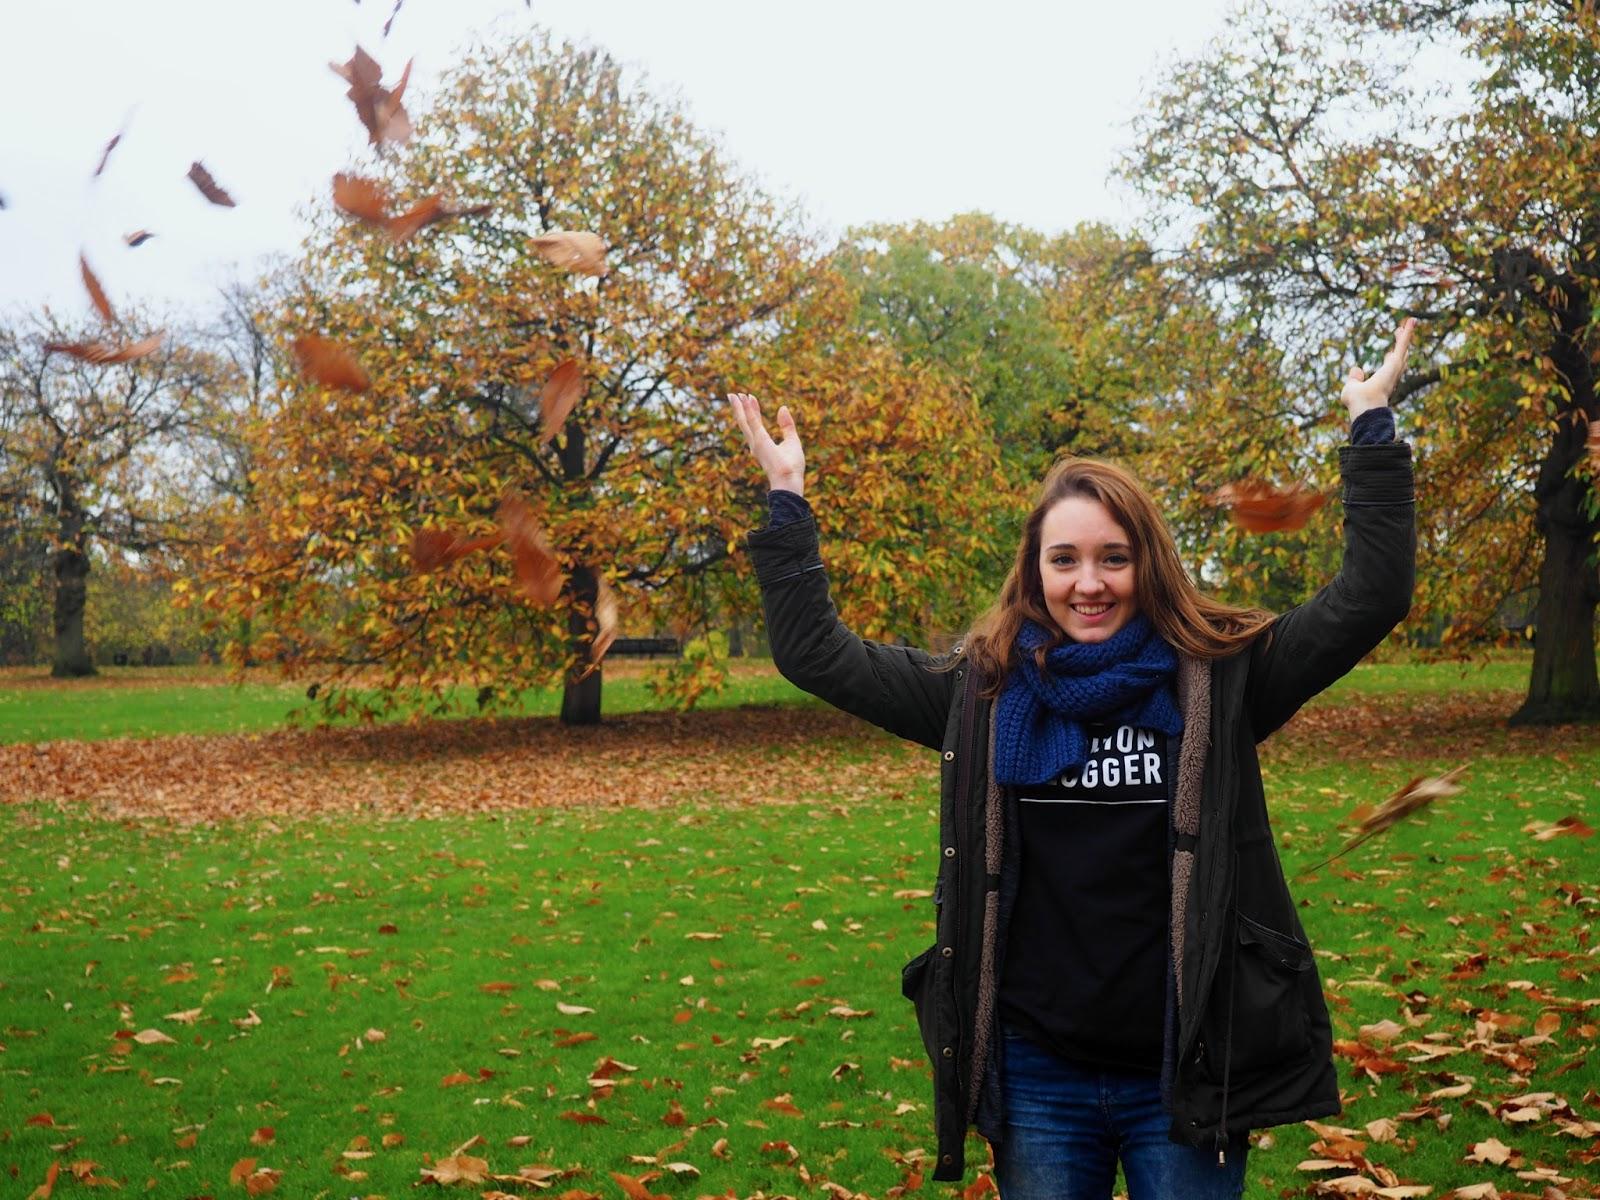 Padající listí v parku Greenwich